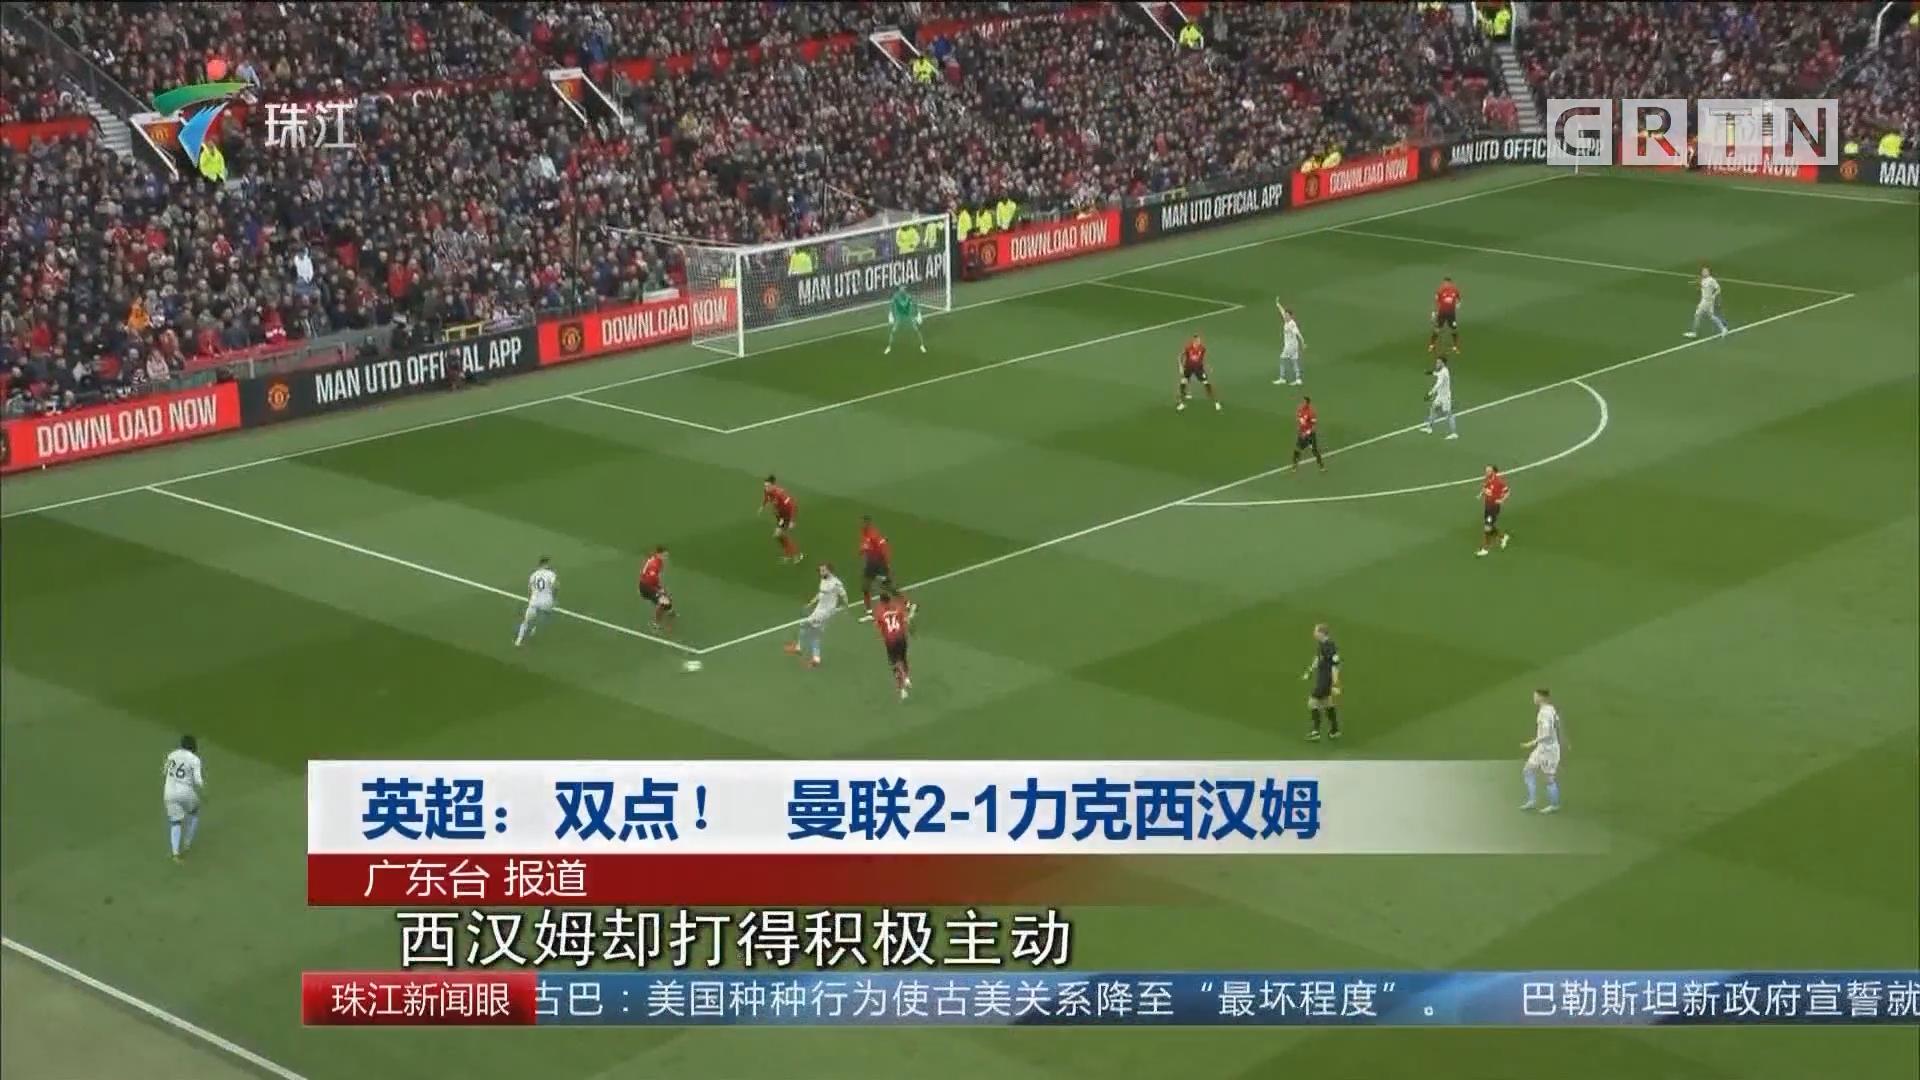 英超:双点! 曼联2-1力克西汉姆